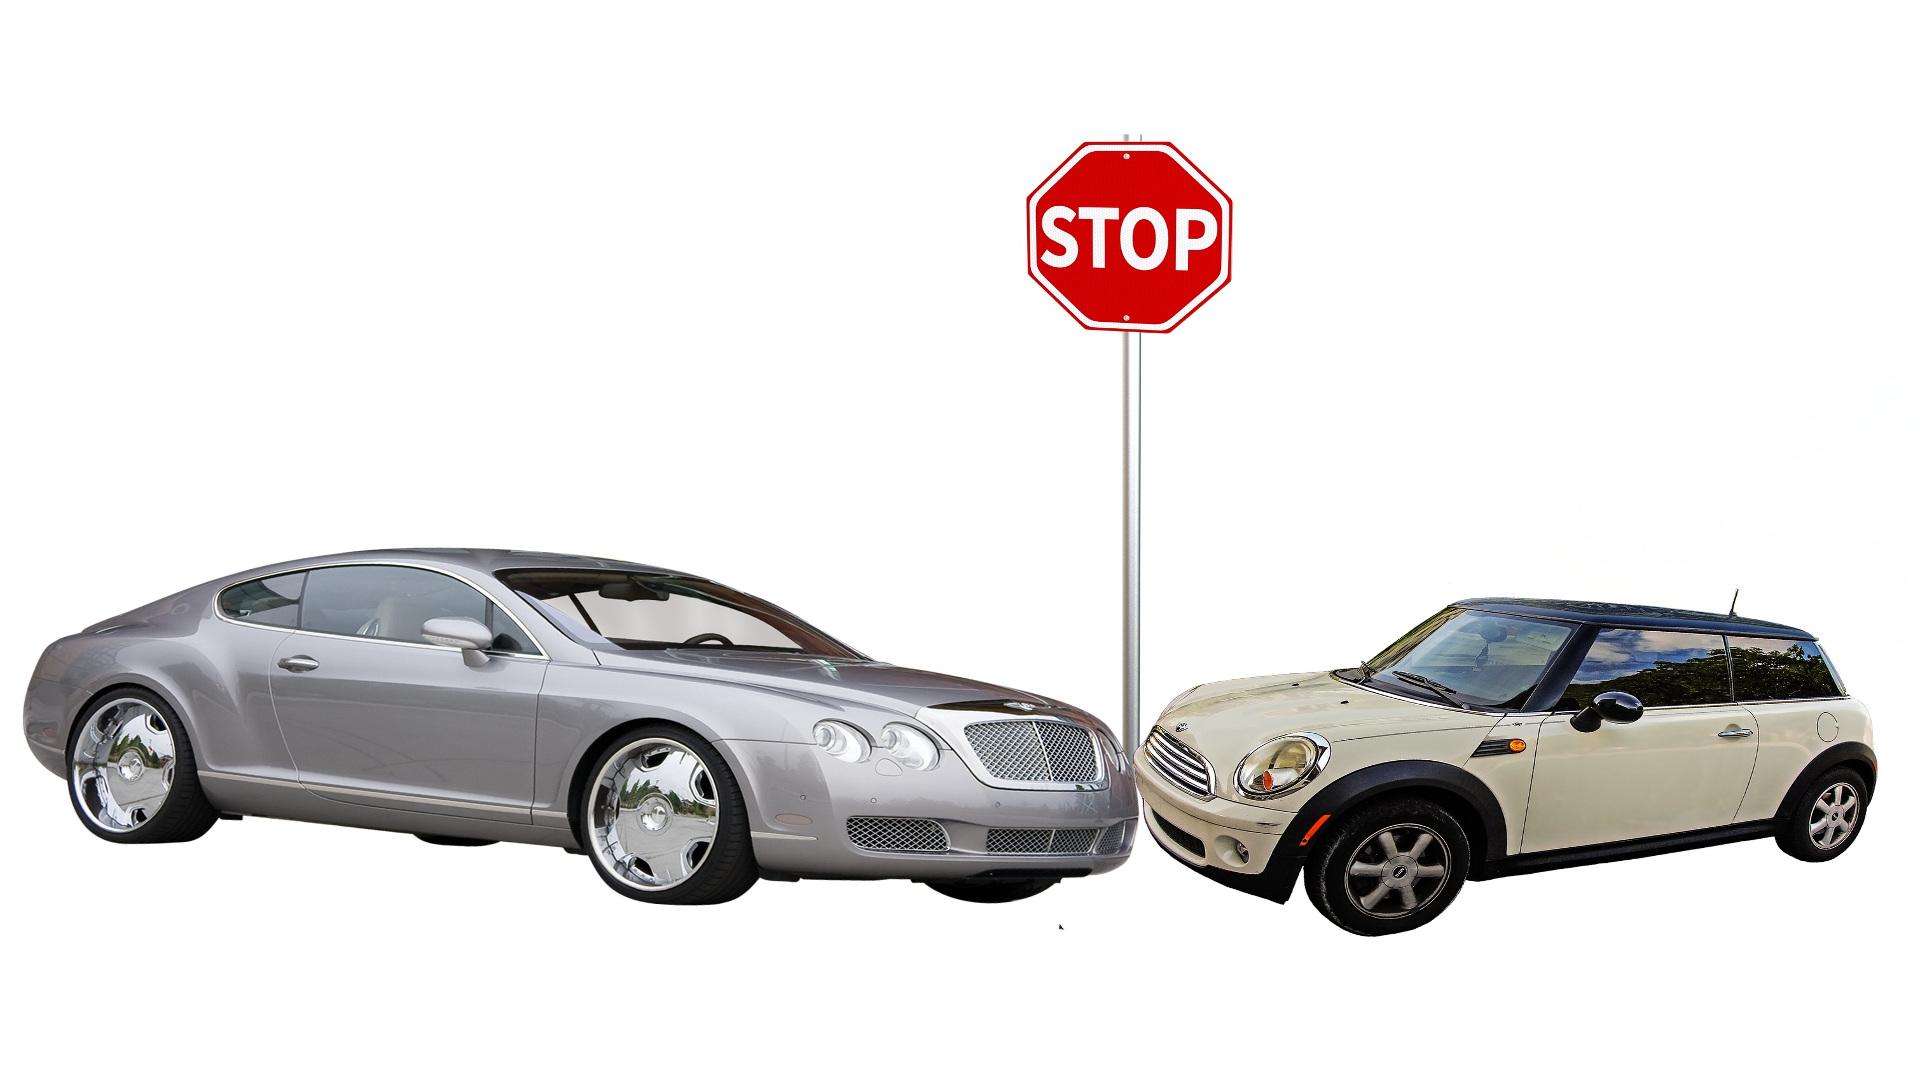 En 2019 solo obtendran 5 estrellas en seguridad los coches mas tecnologicos.1920